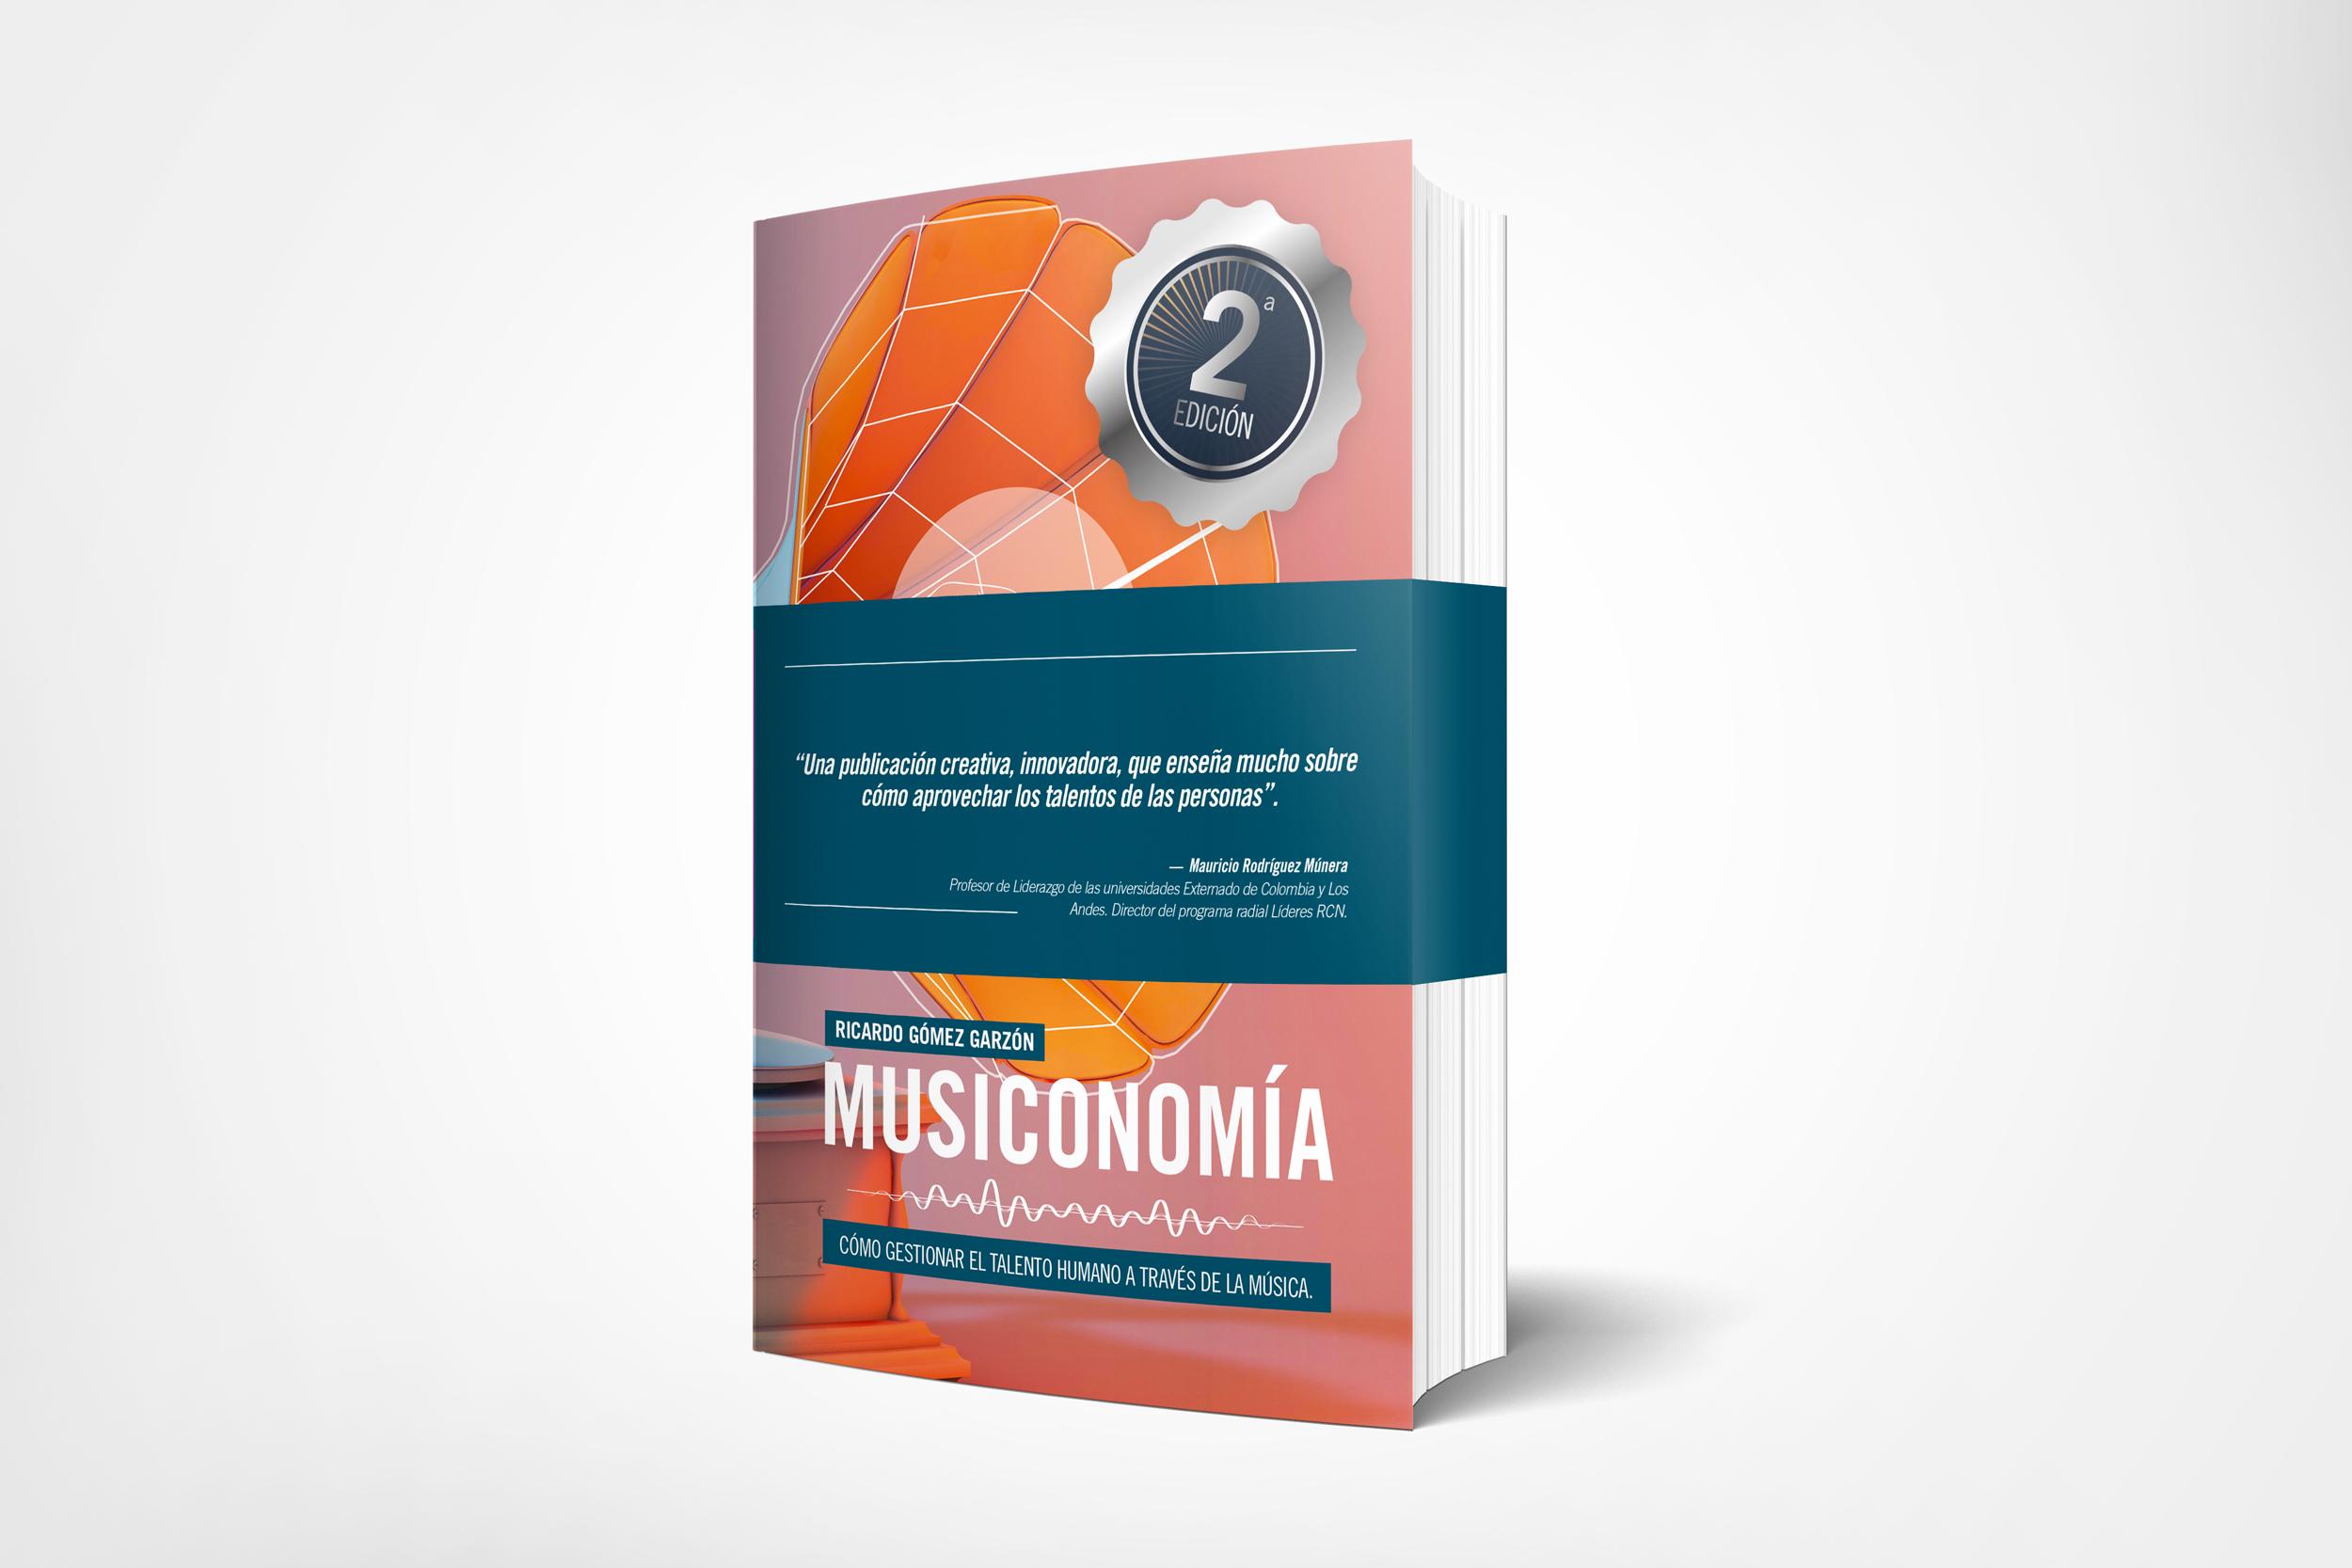 Musiconomia-edicion2-3.jpg